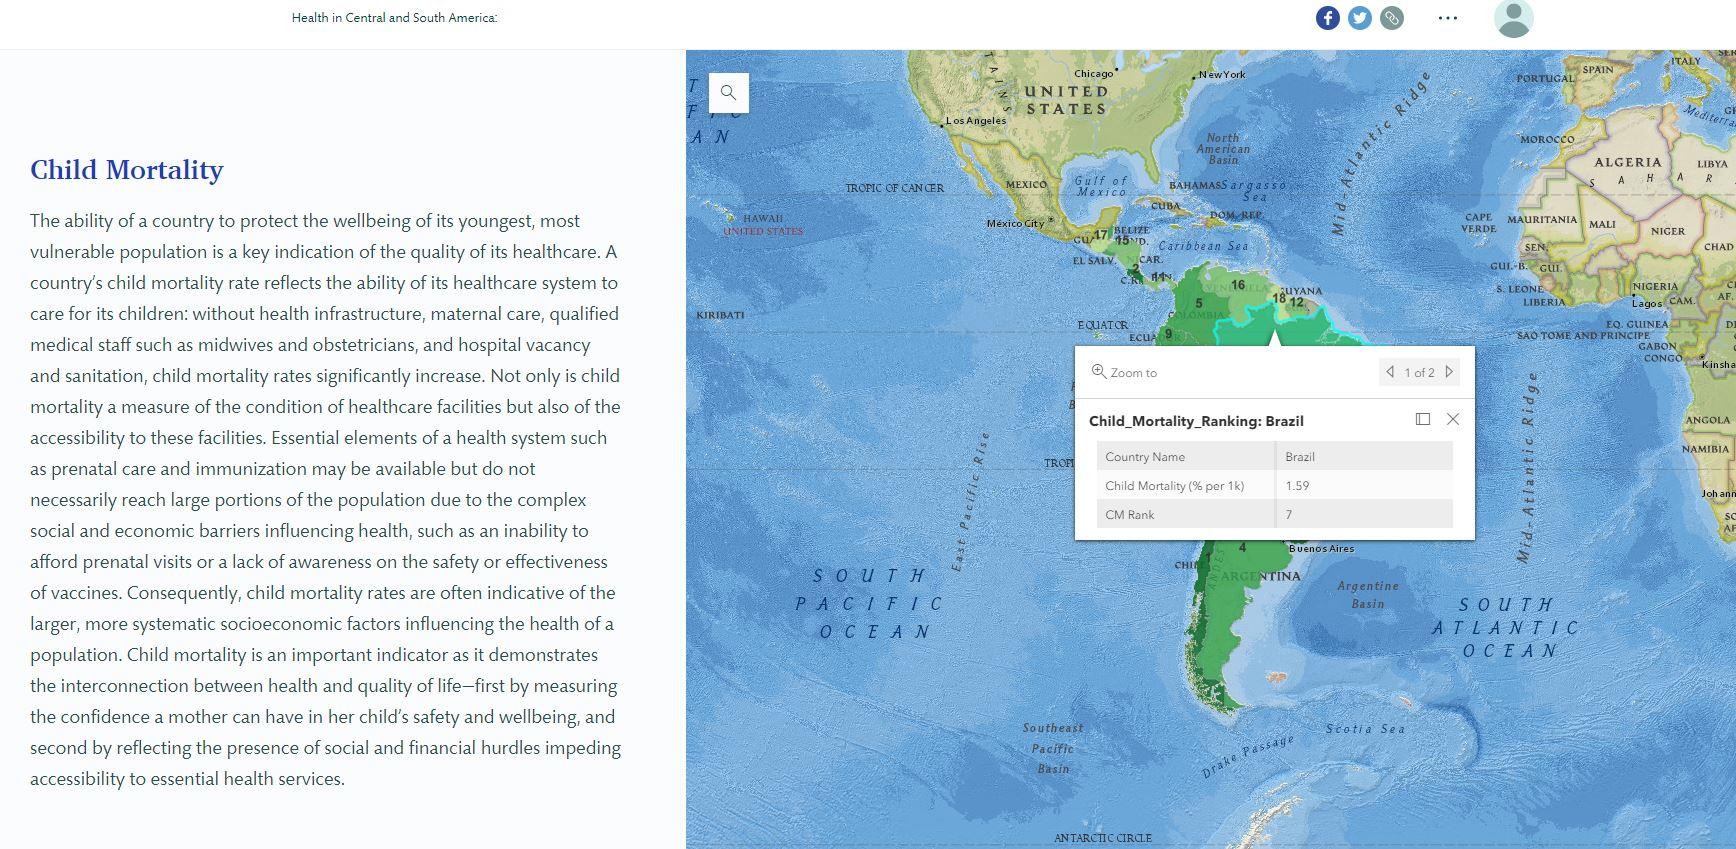 On peut y voir une fenêtre contextuelle affichant les données relatives au taux de mortalité juvénile du Brésil.